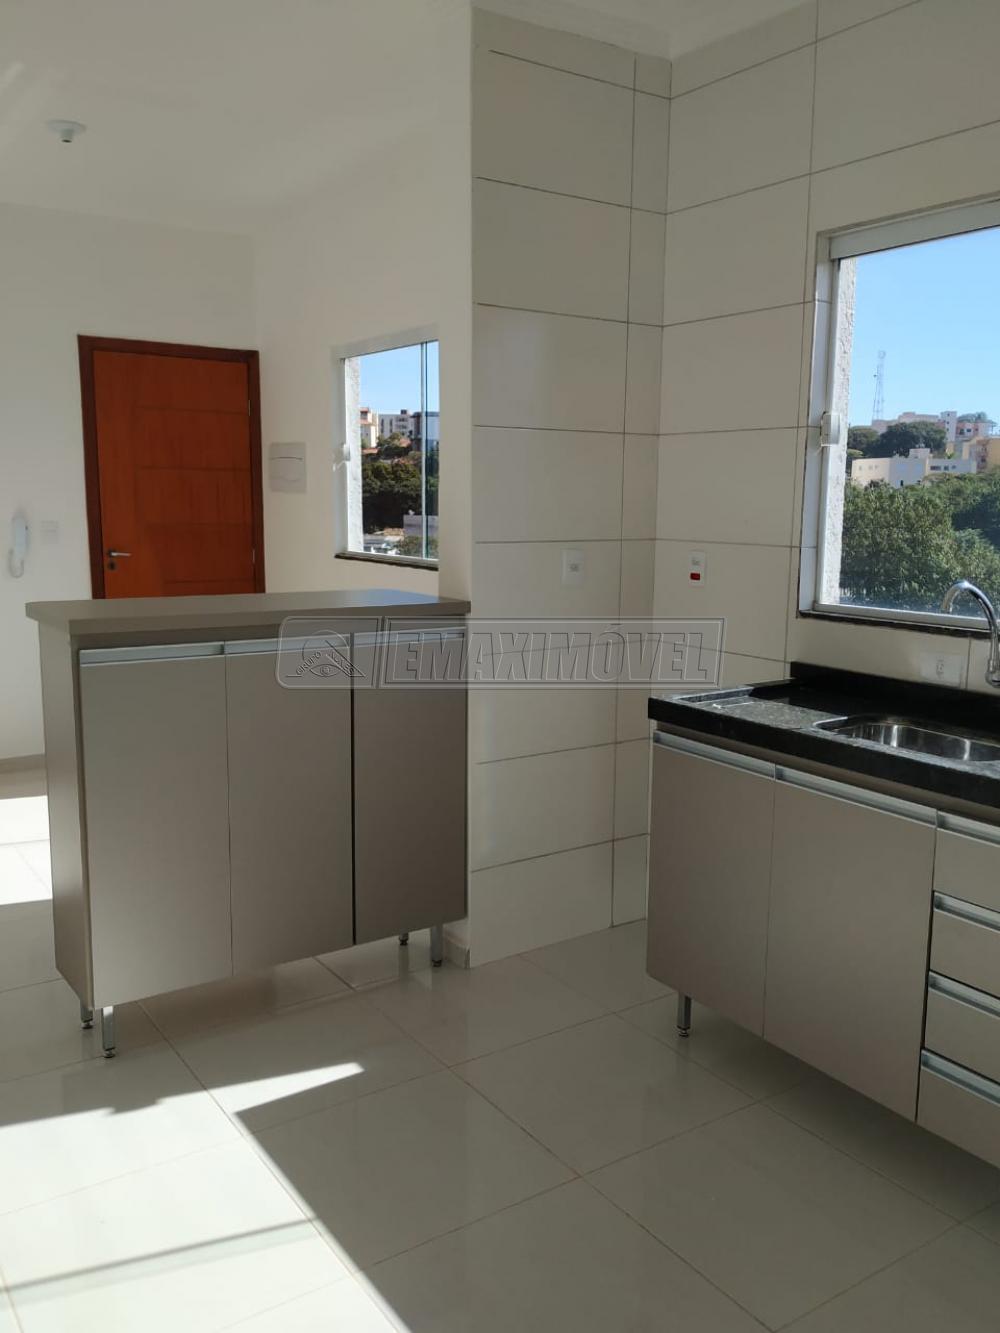 Alugar Apartamentos / Apto Padrão em Sorocaba apenas R$ 850,00 - Foto 6